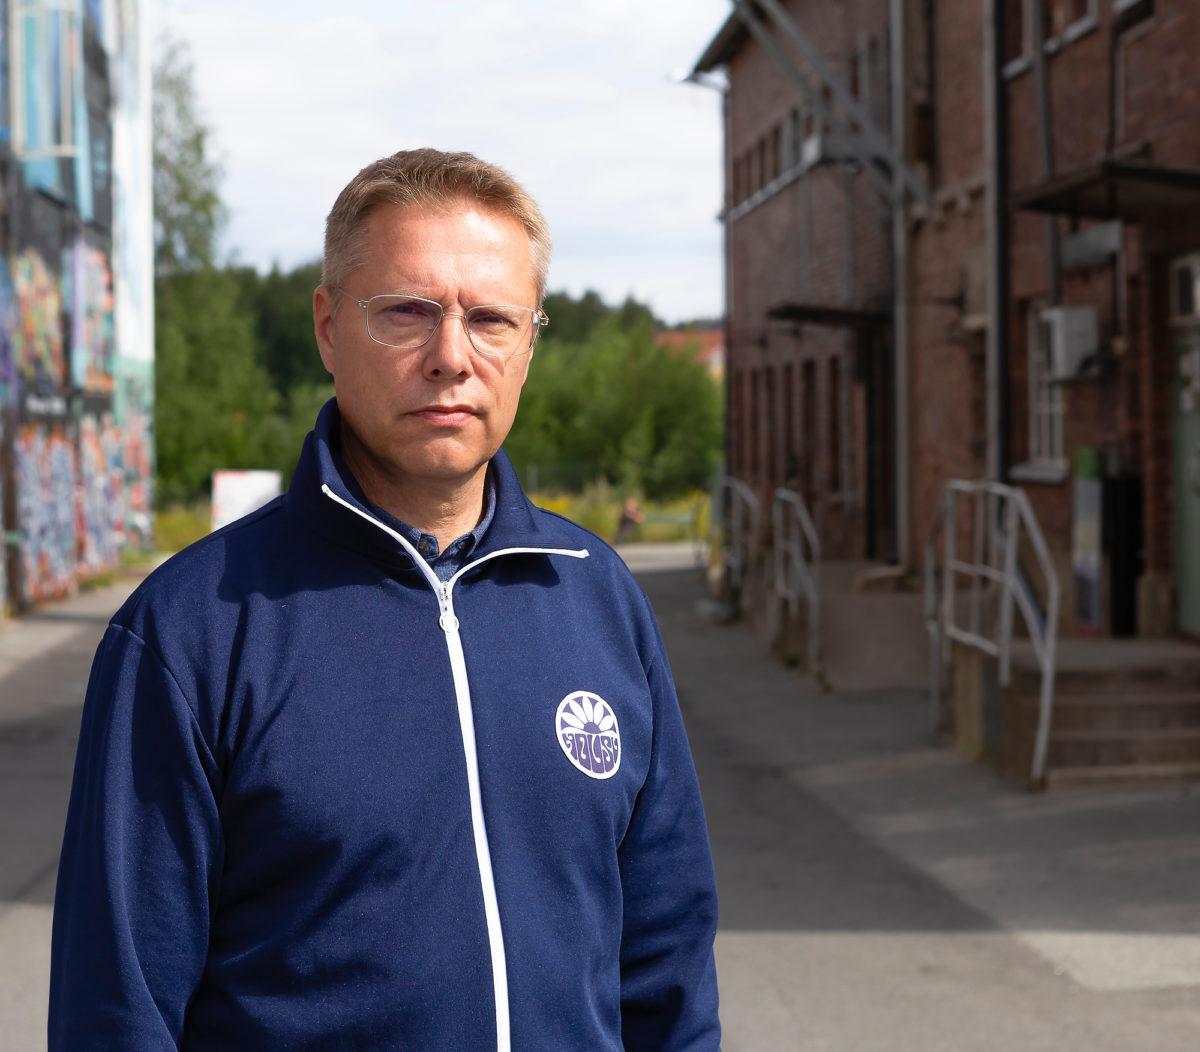 Mikko Leinonen etsii vanhoille tehdaskiinteistöille uutta käyttöä.